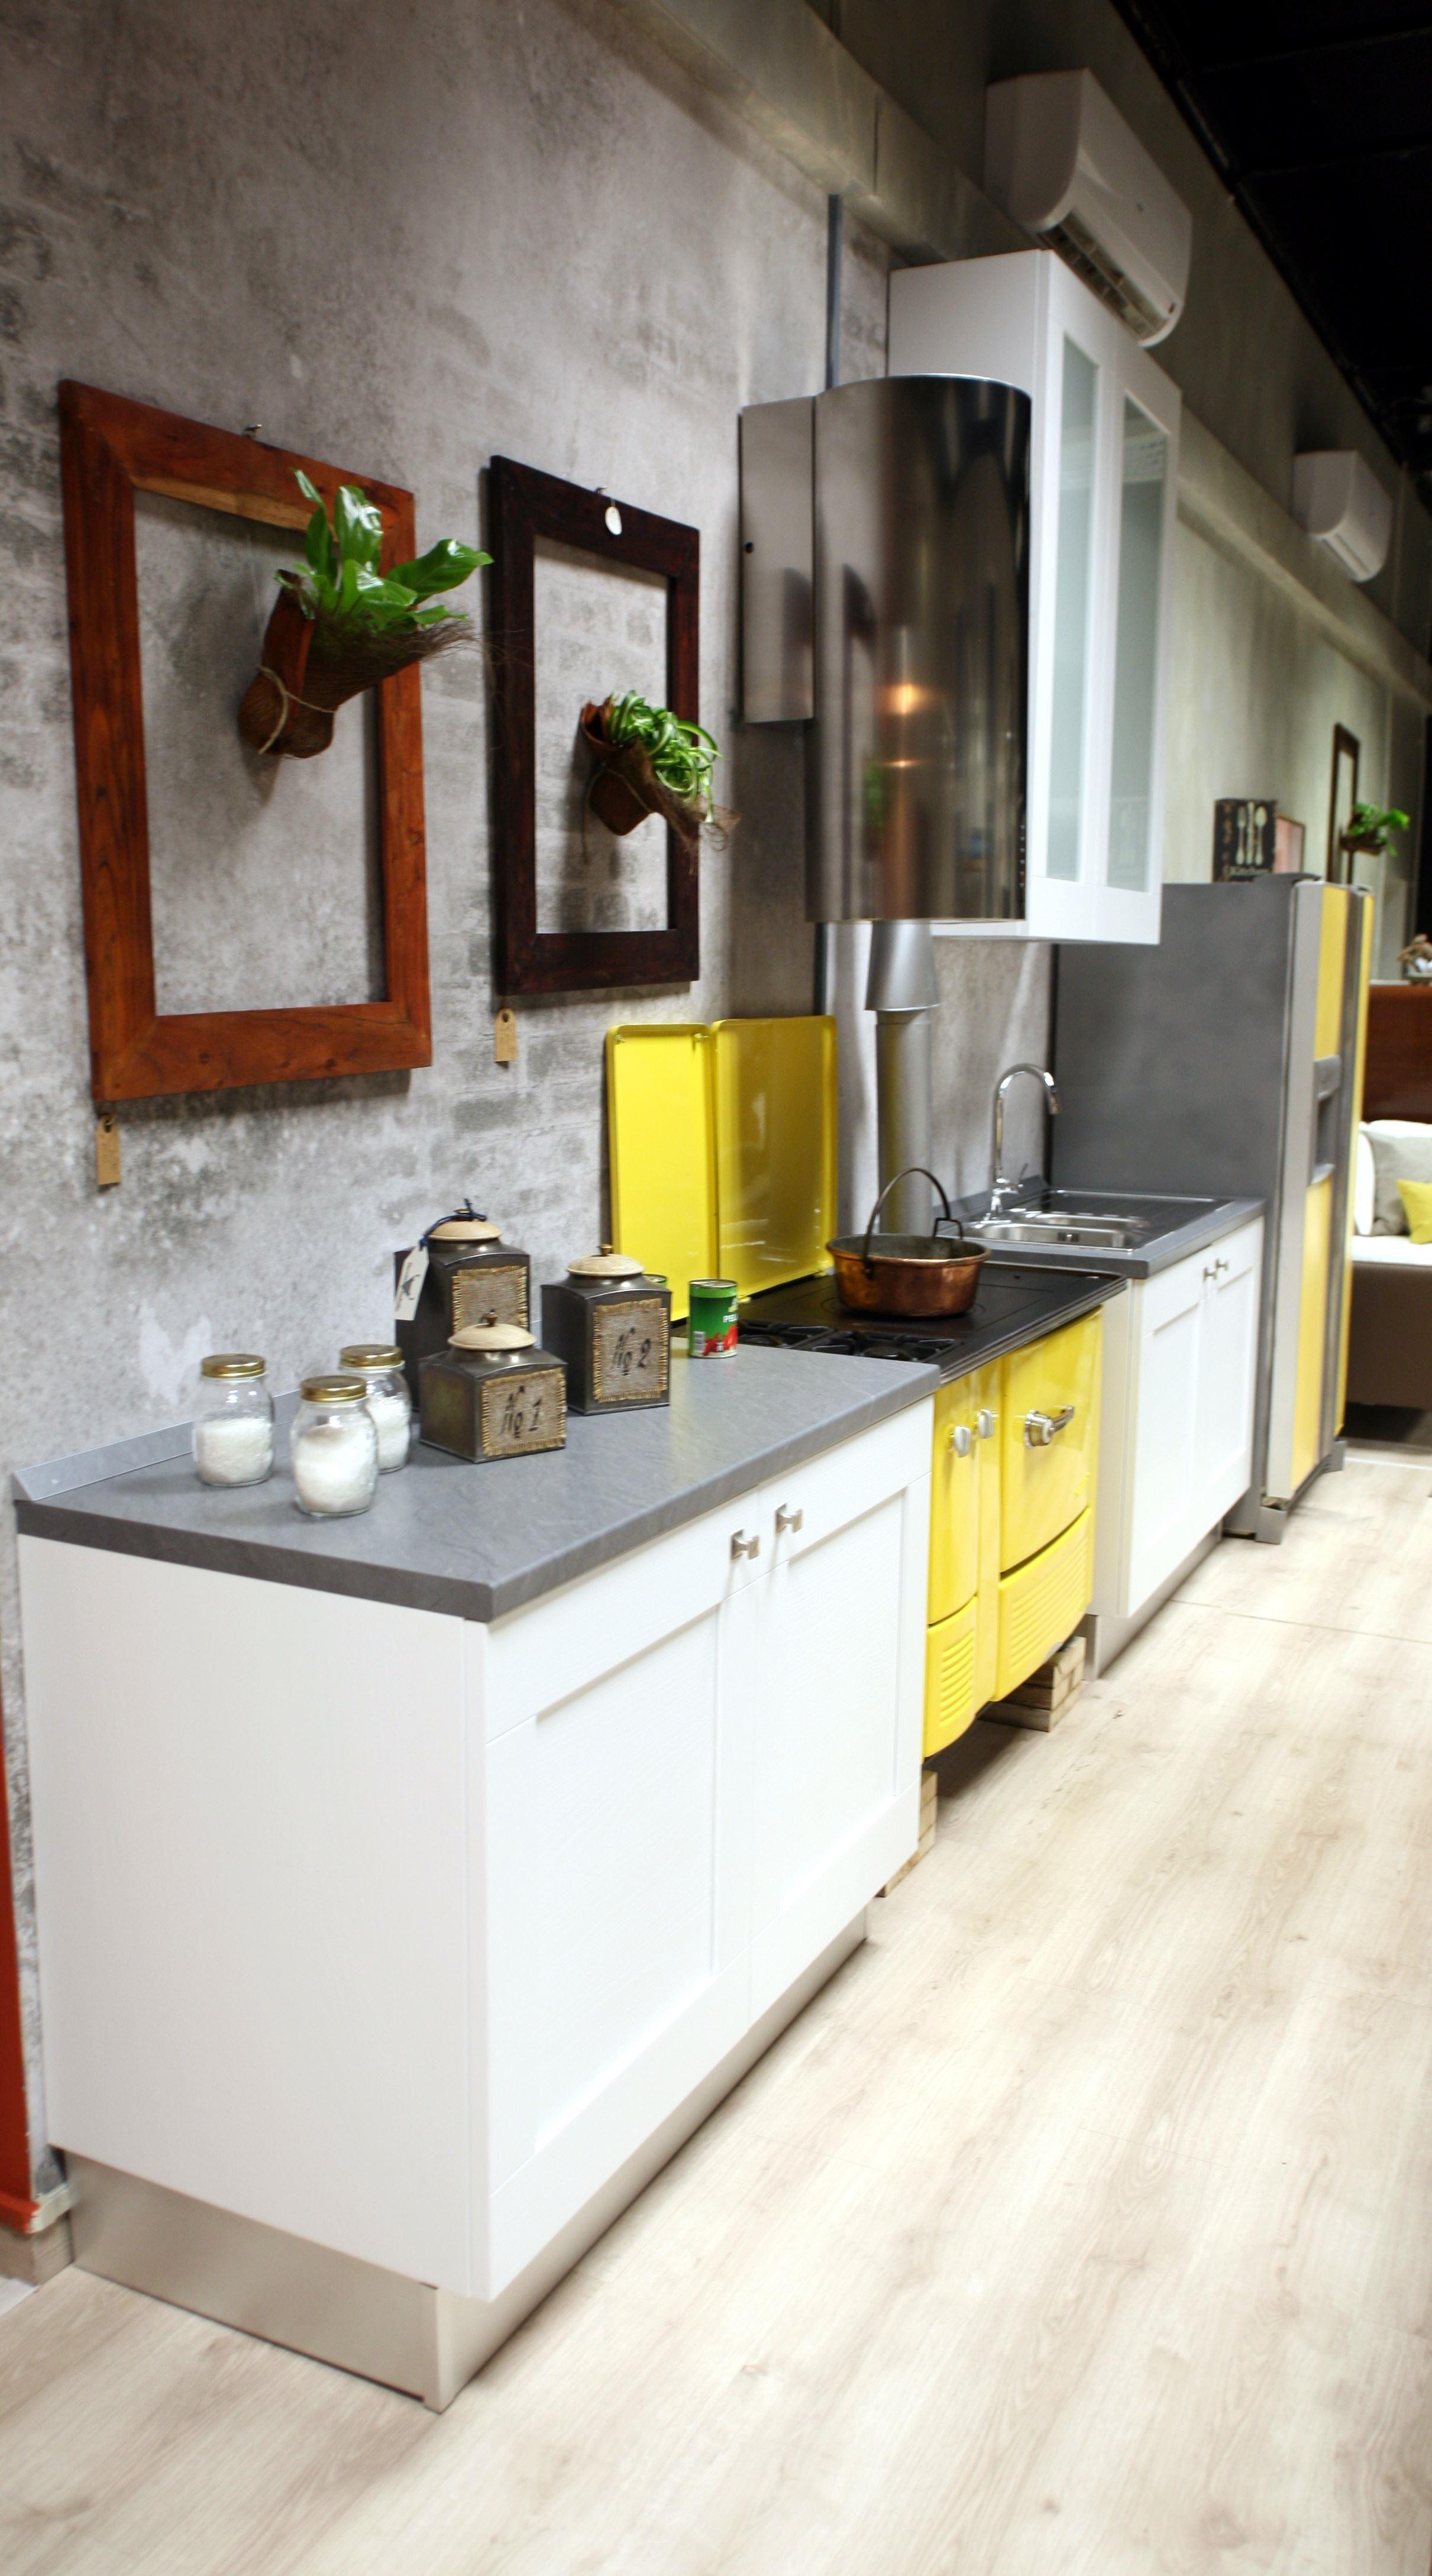 Cucina Lube Fabiana. Stunning La Migliore Cucina Lube Fabiana Idee E ...